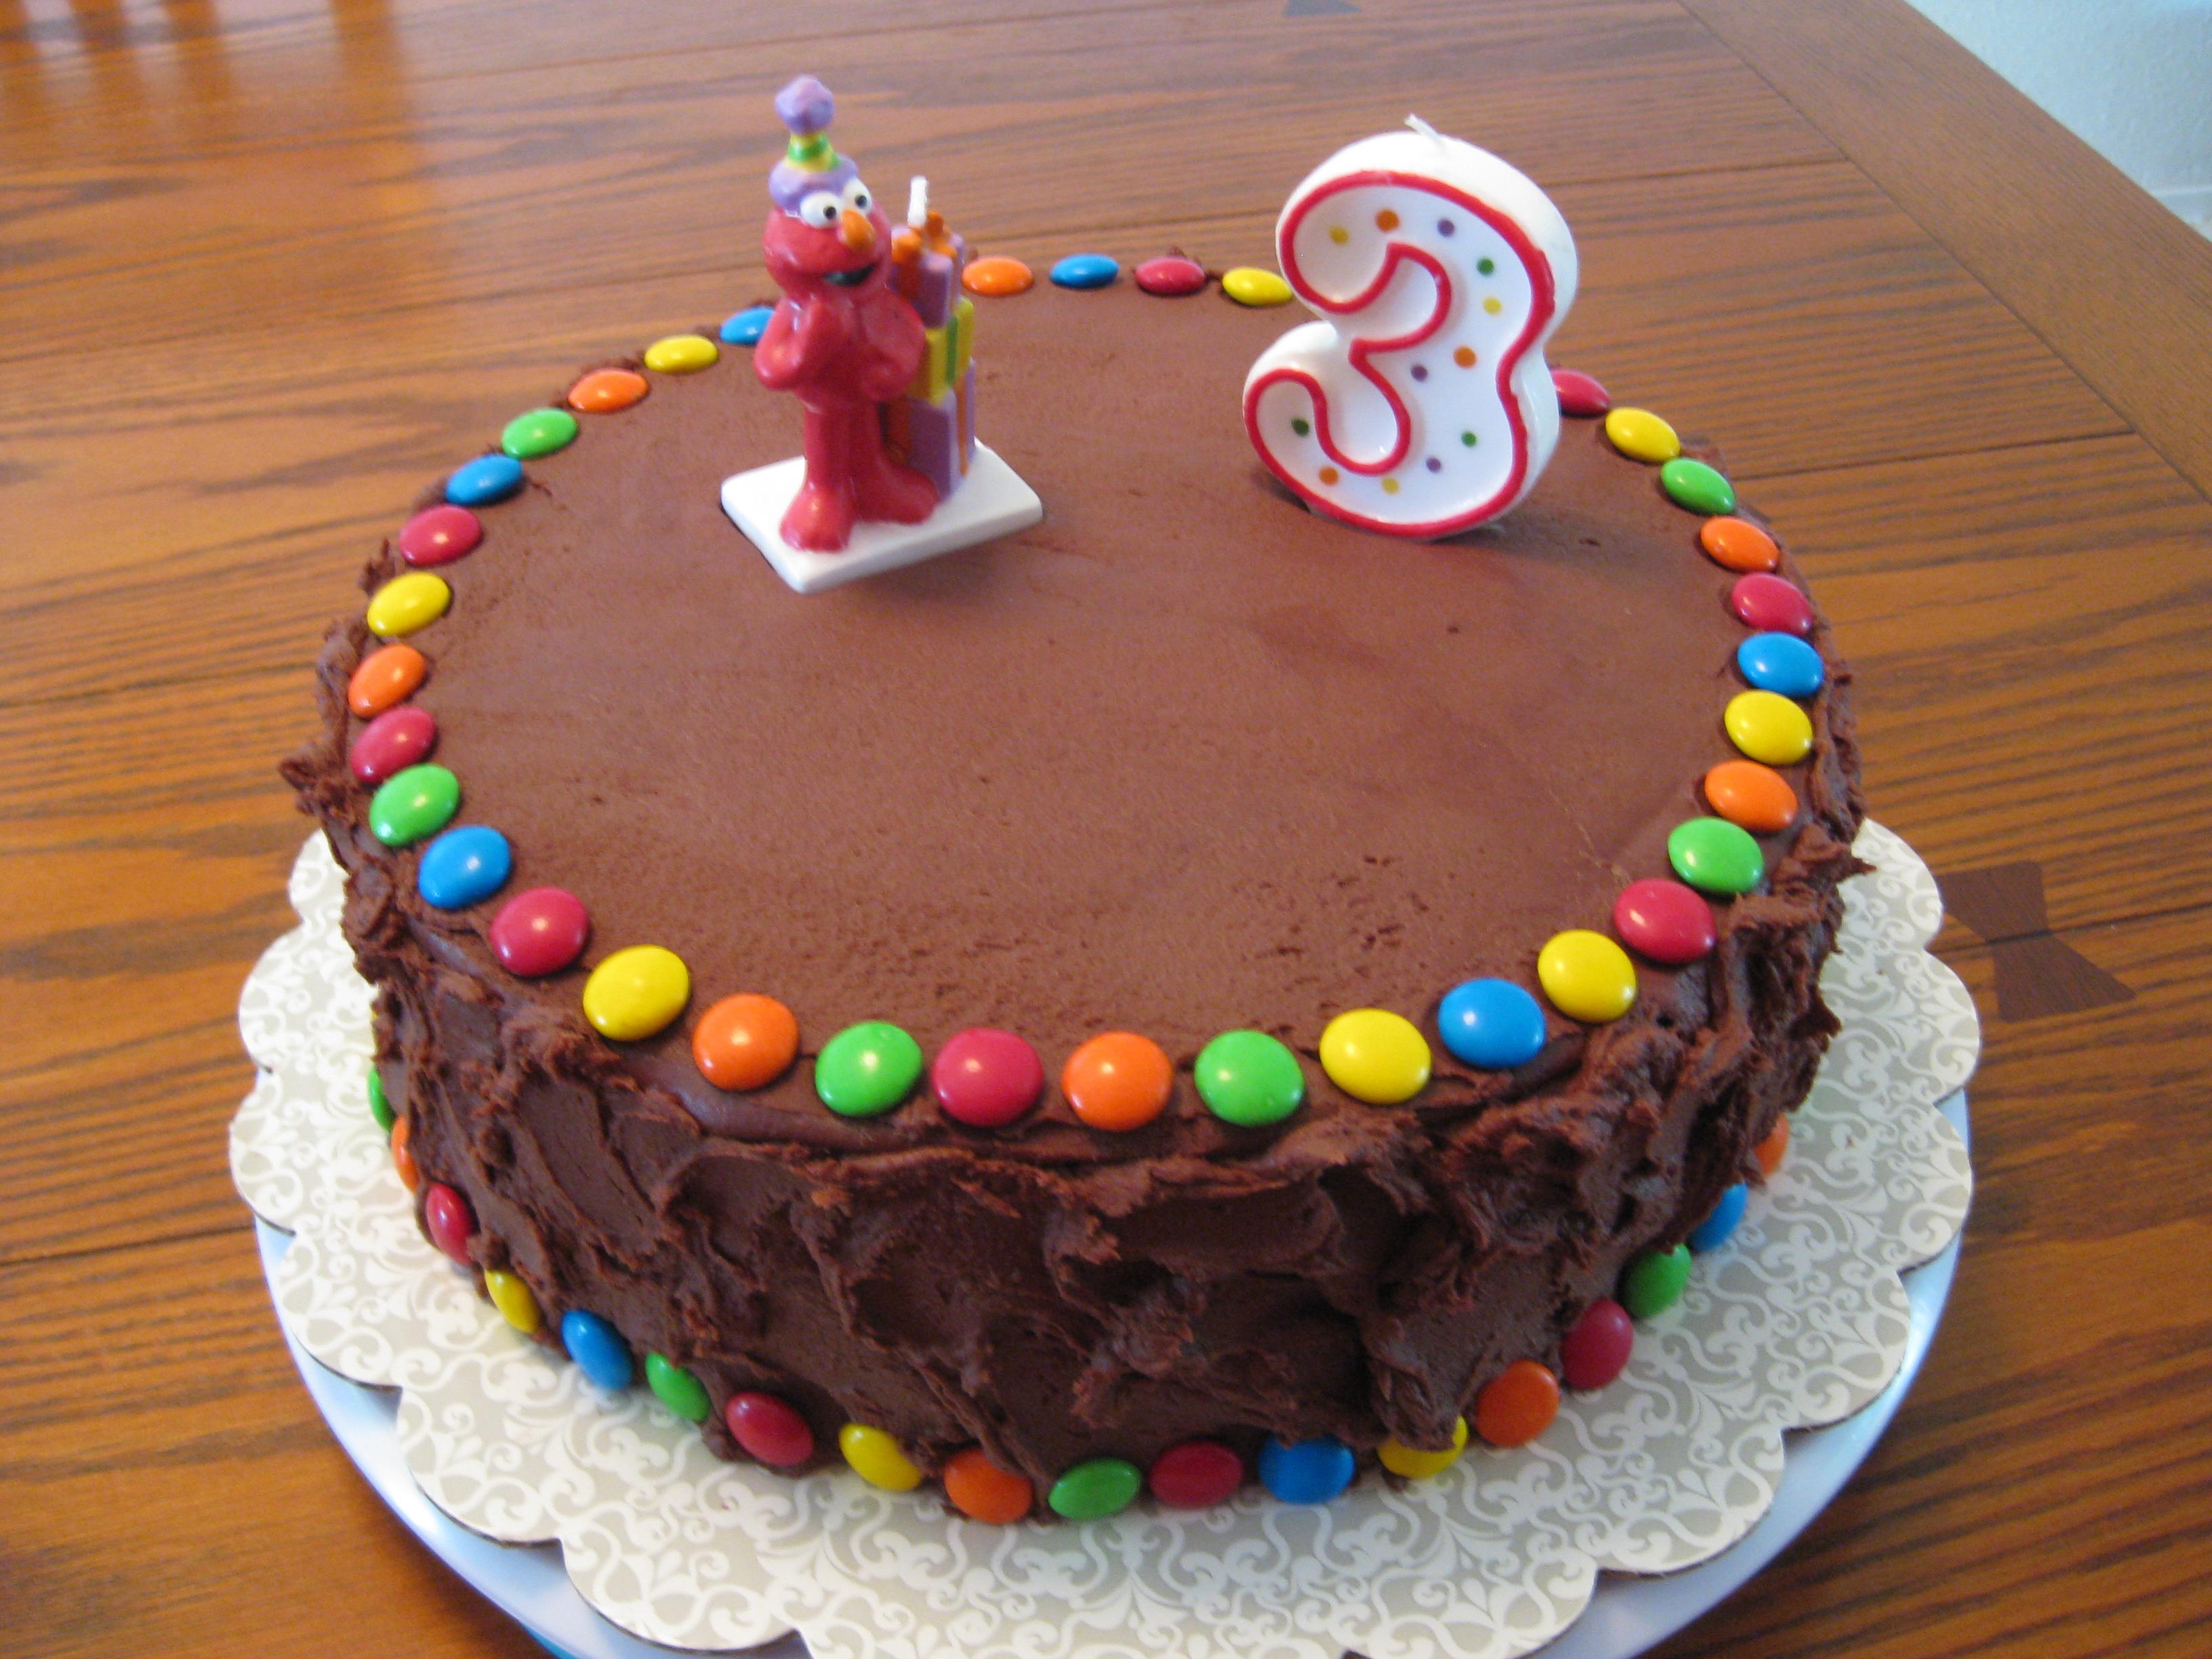 Сделать торт на день рождения ребенка своими руками